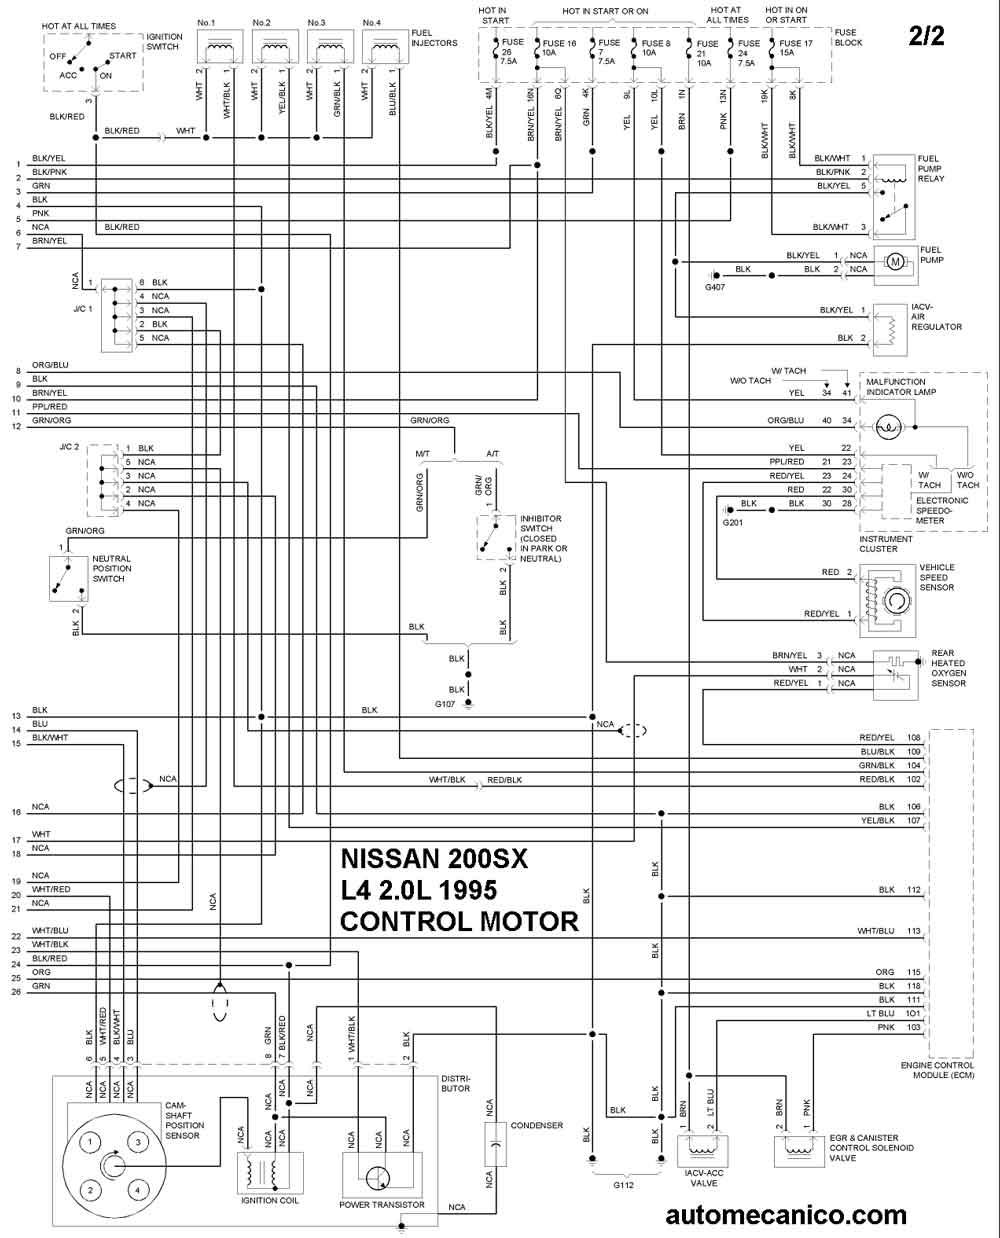 diagrama del cableado electrico ventilador mustang 3 8 95